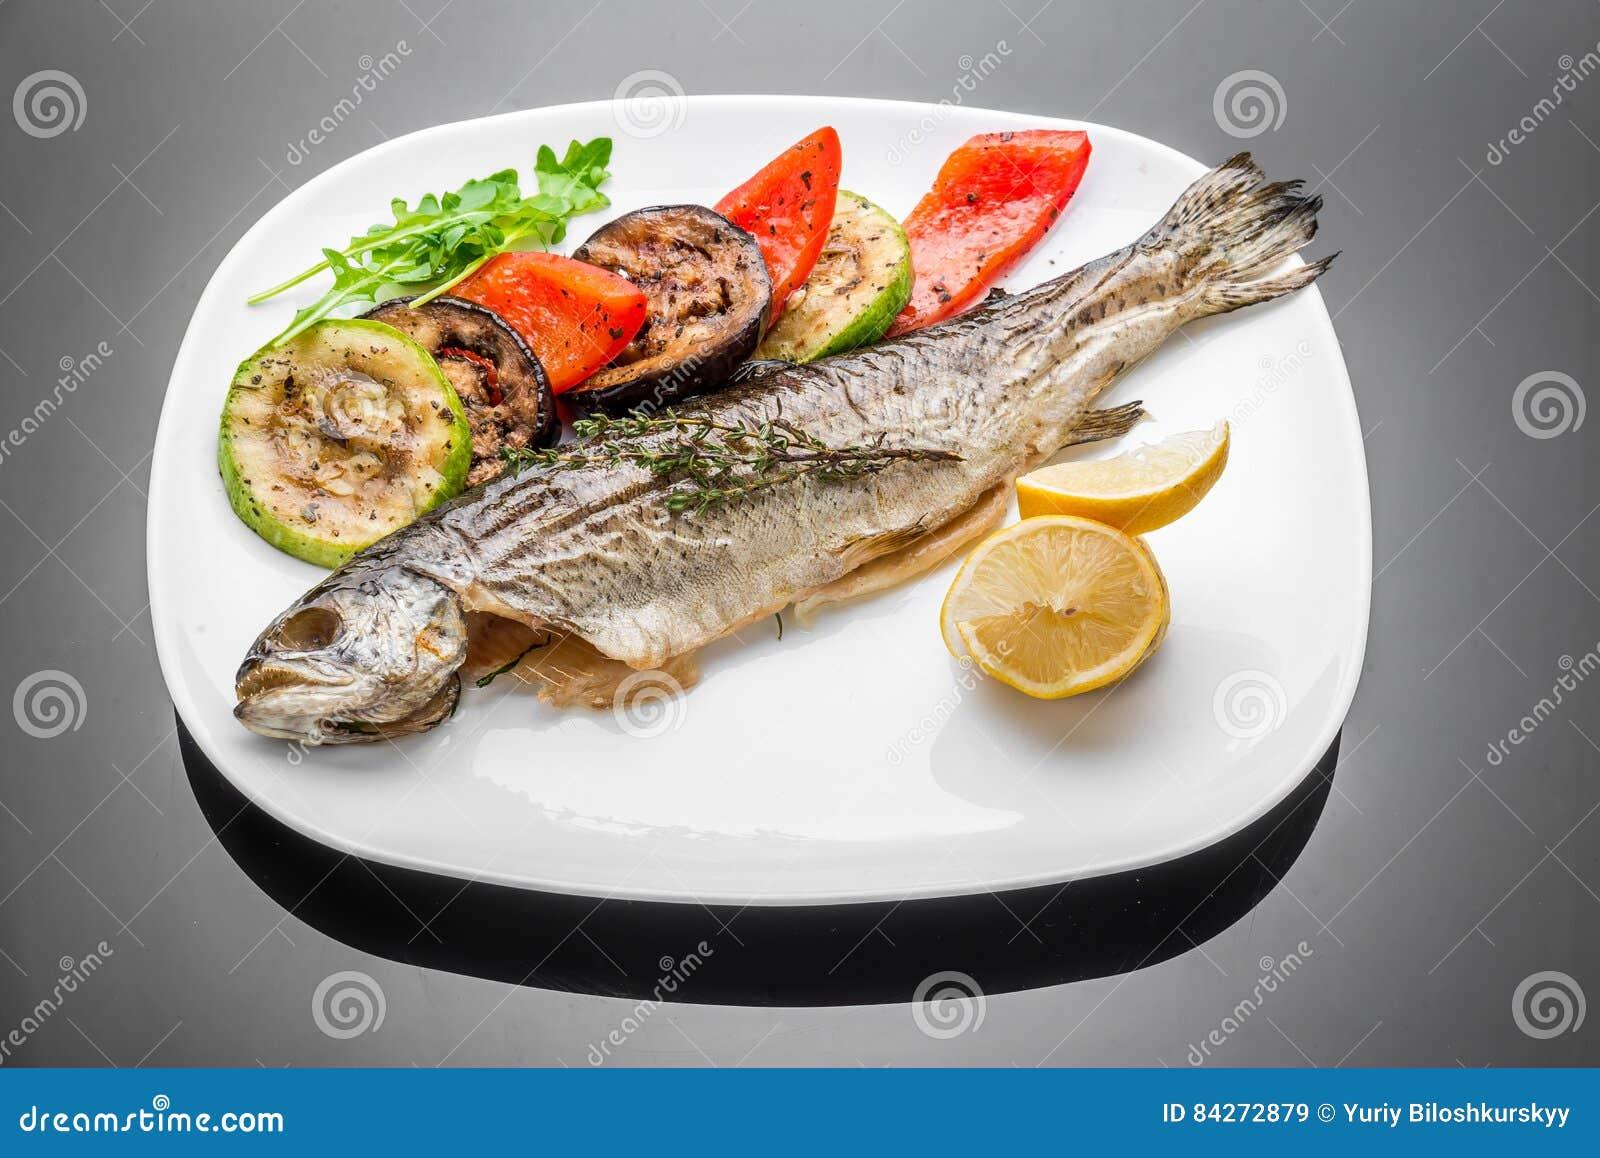 Panna stekt grillad grillad lagad mat hel torsk för lax för bas för fiskforellhav